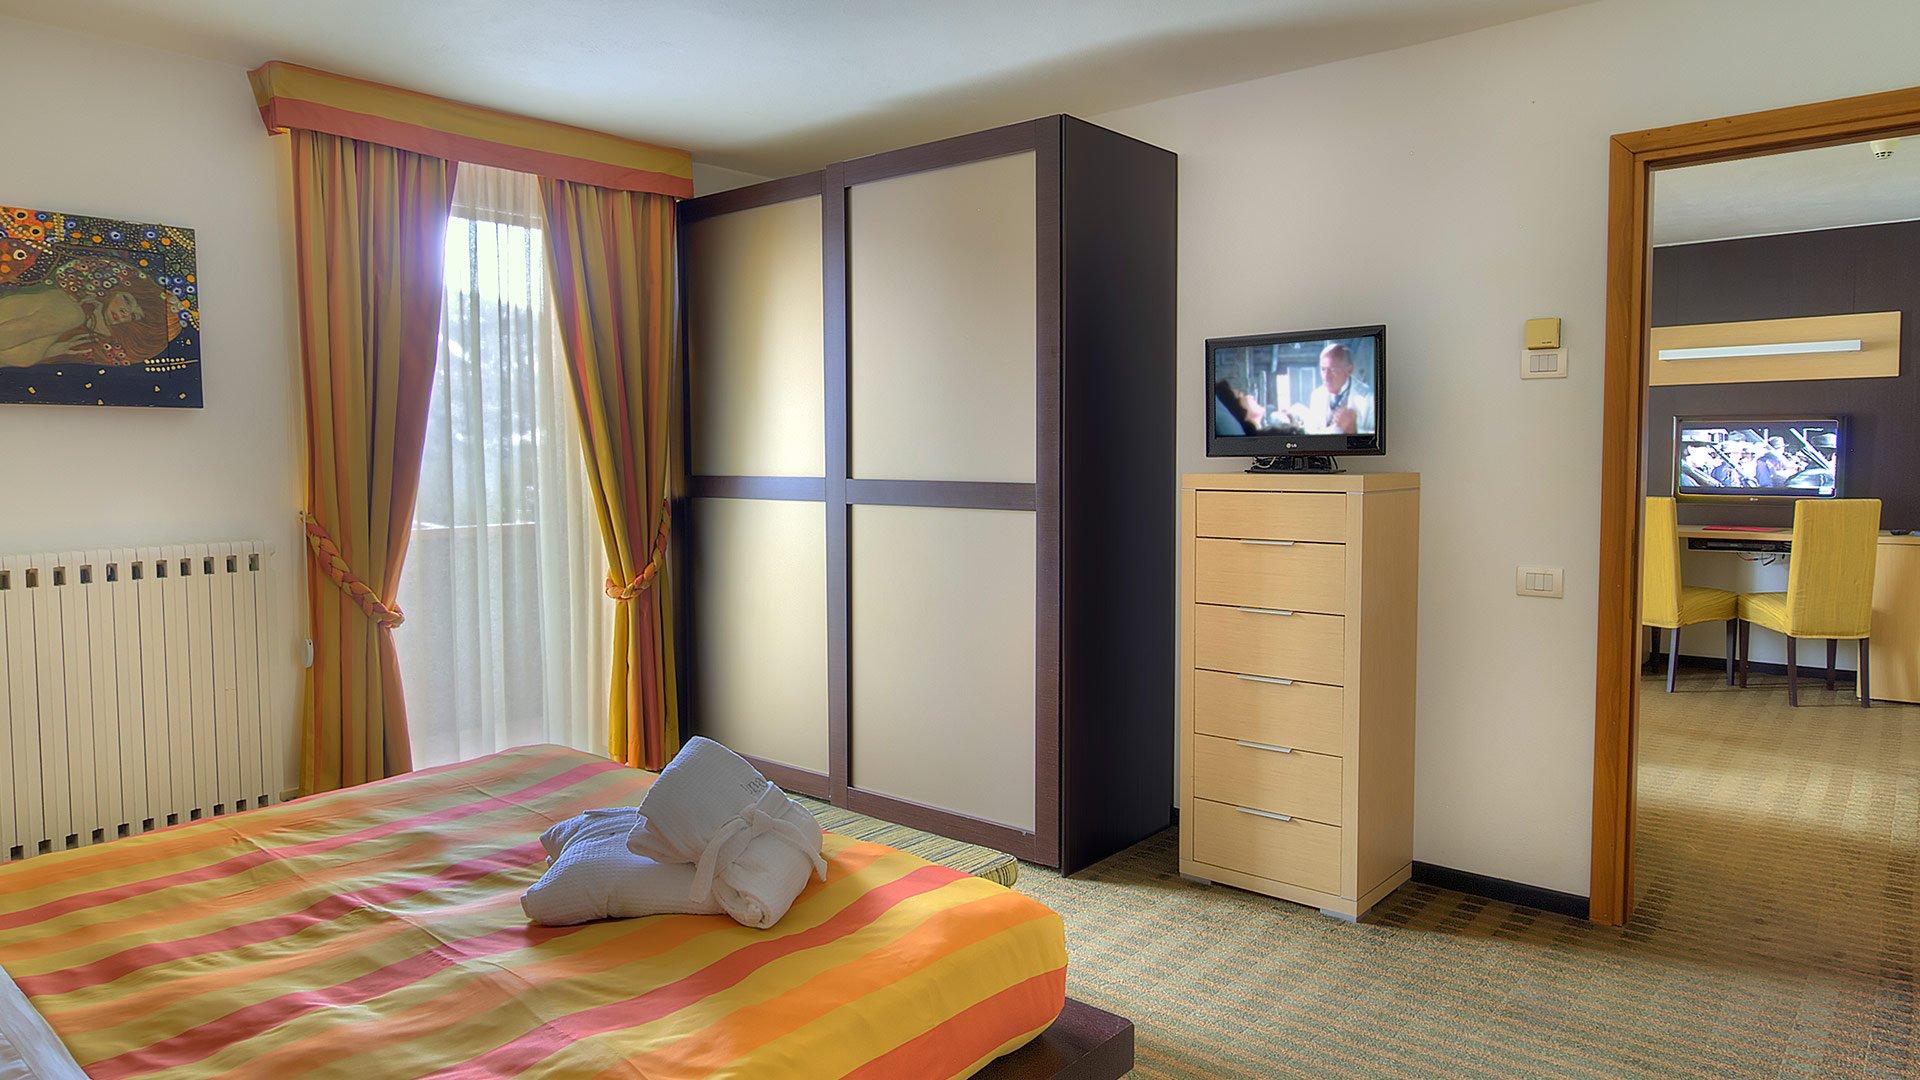 Hotel Dimaro Folgarida - Trentino